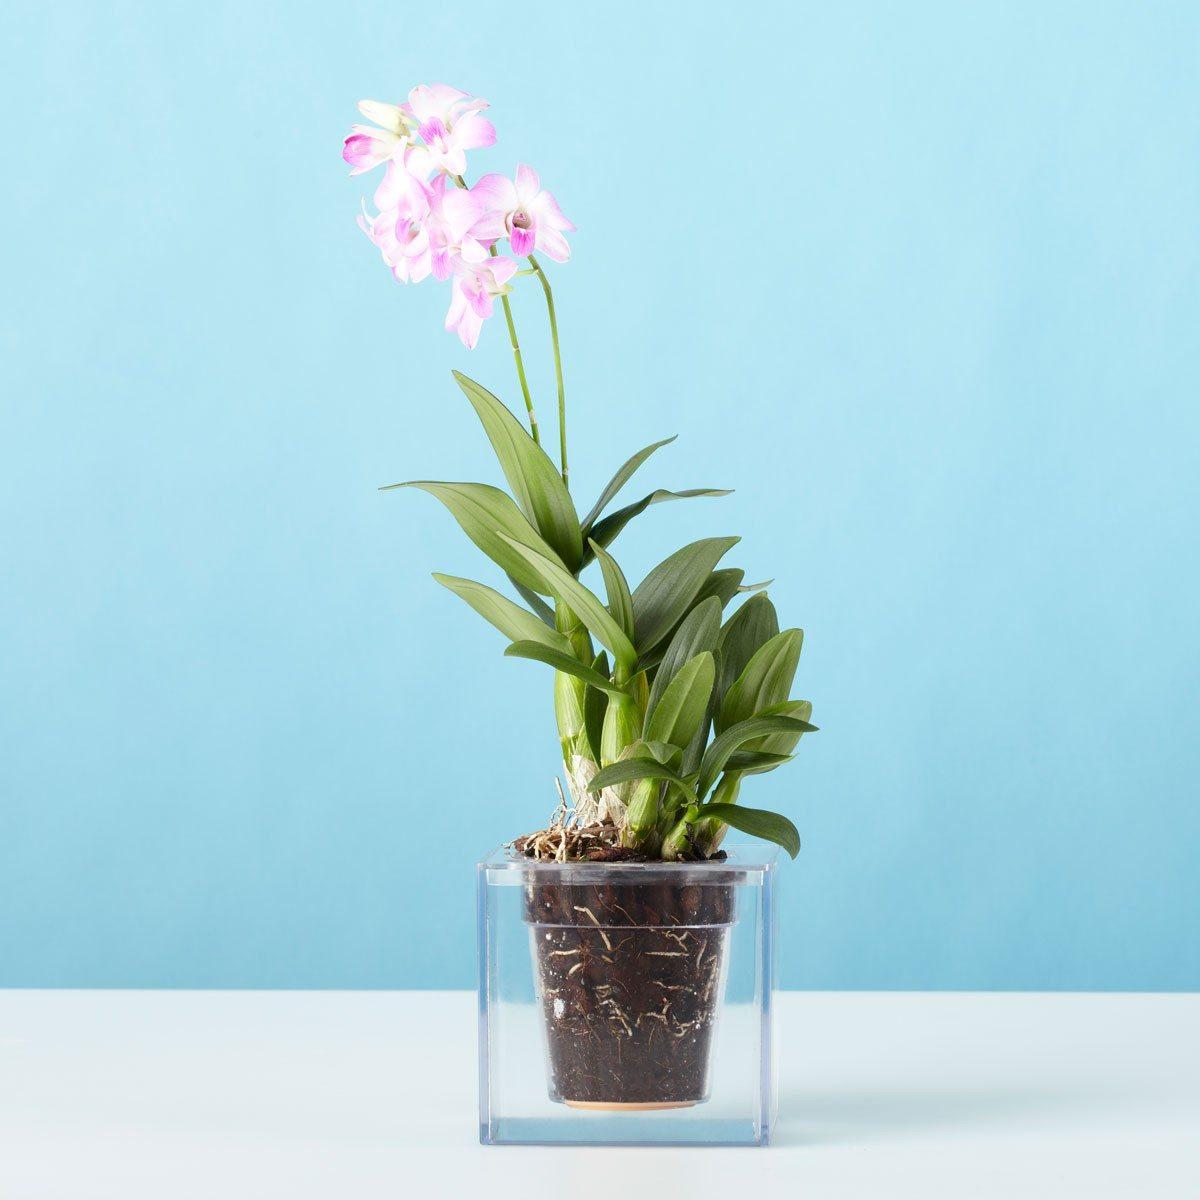 Cube - Der durchsichtige Blumentopf